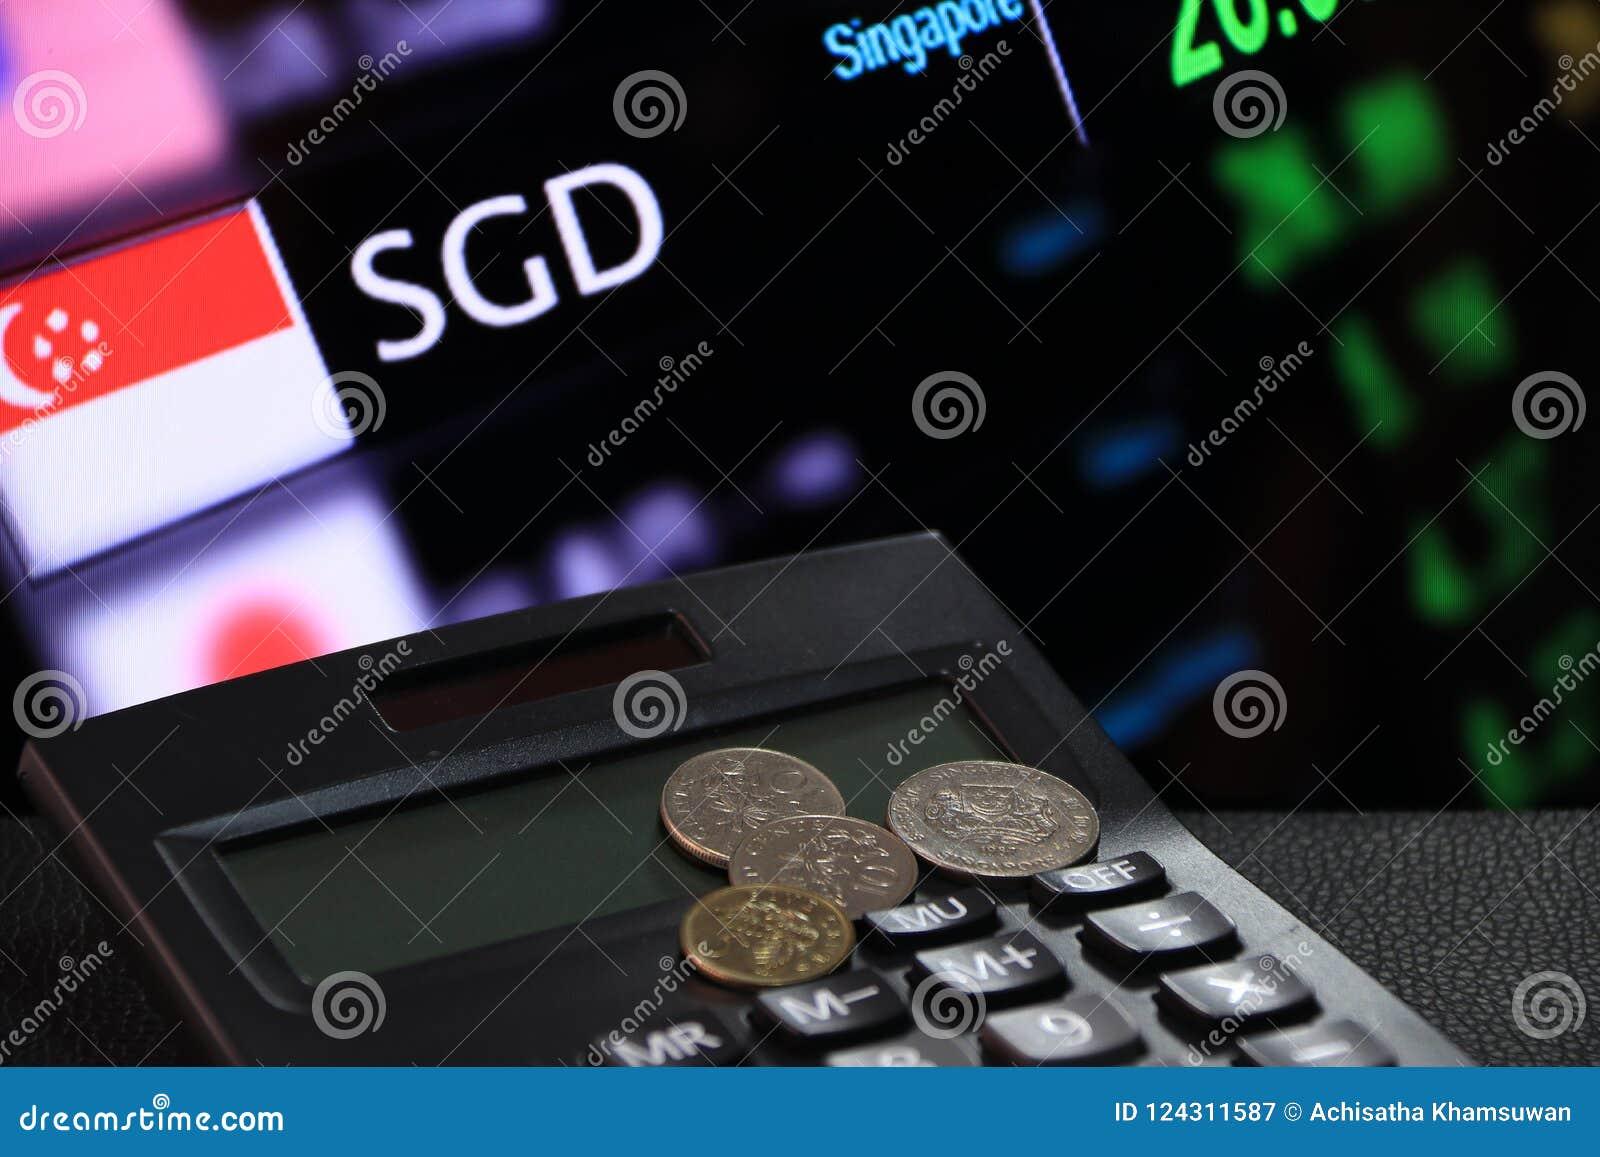 Los centavos de Singapur acuñan el SGD en la calculadora negra con el tablero digital de fondo del dinero del intercambio de mone